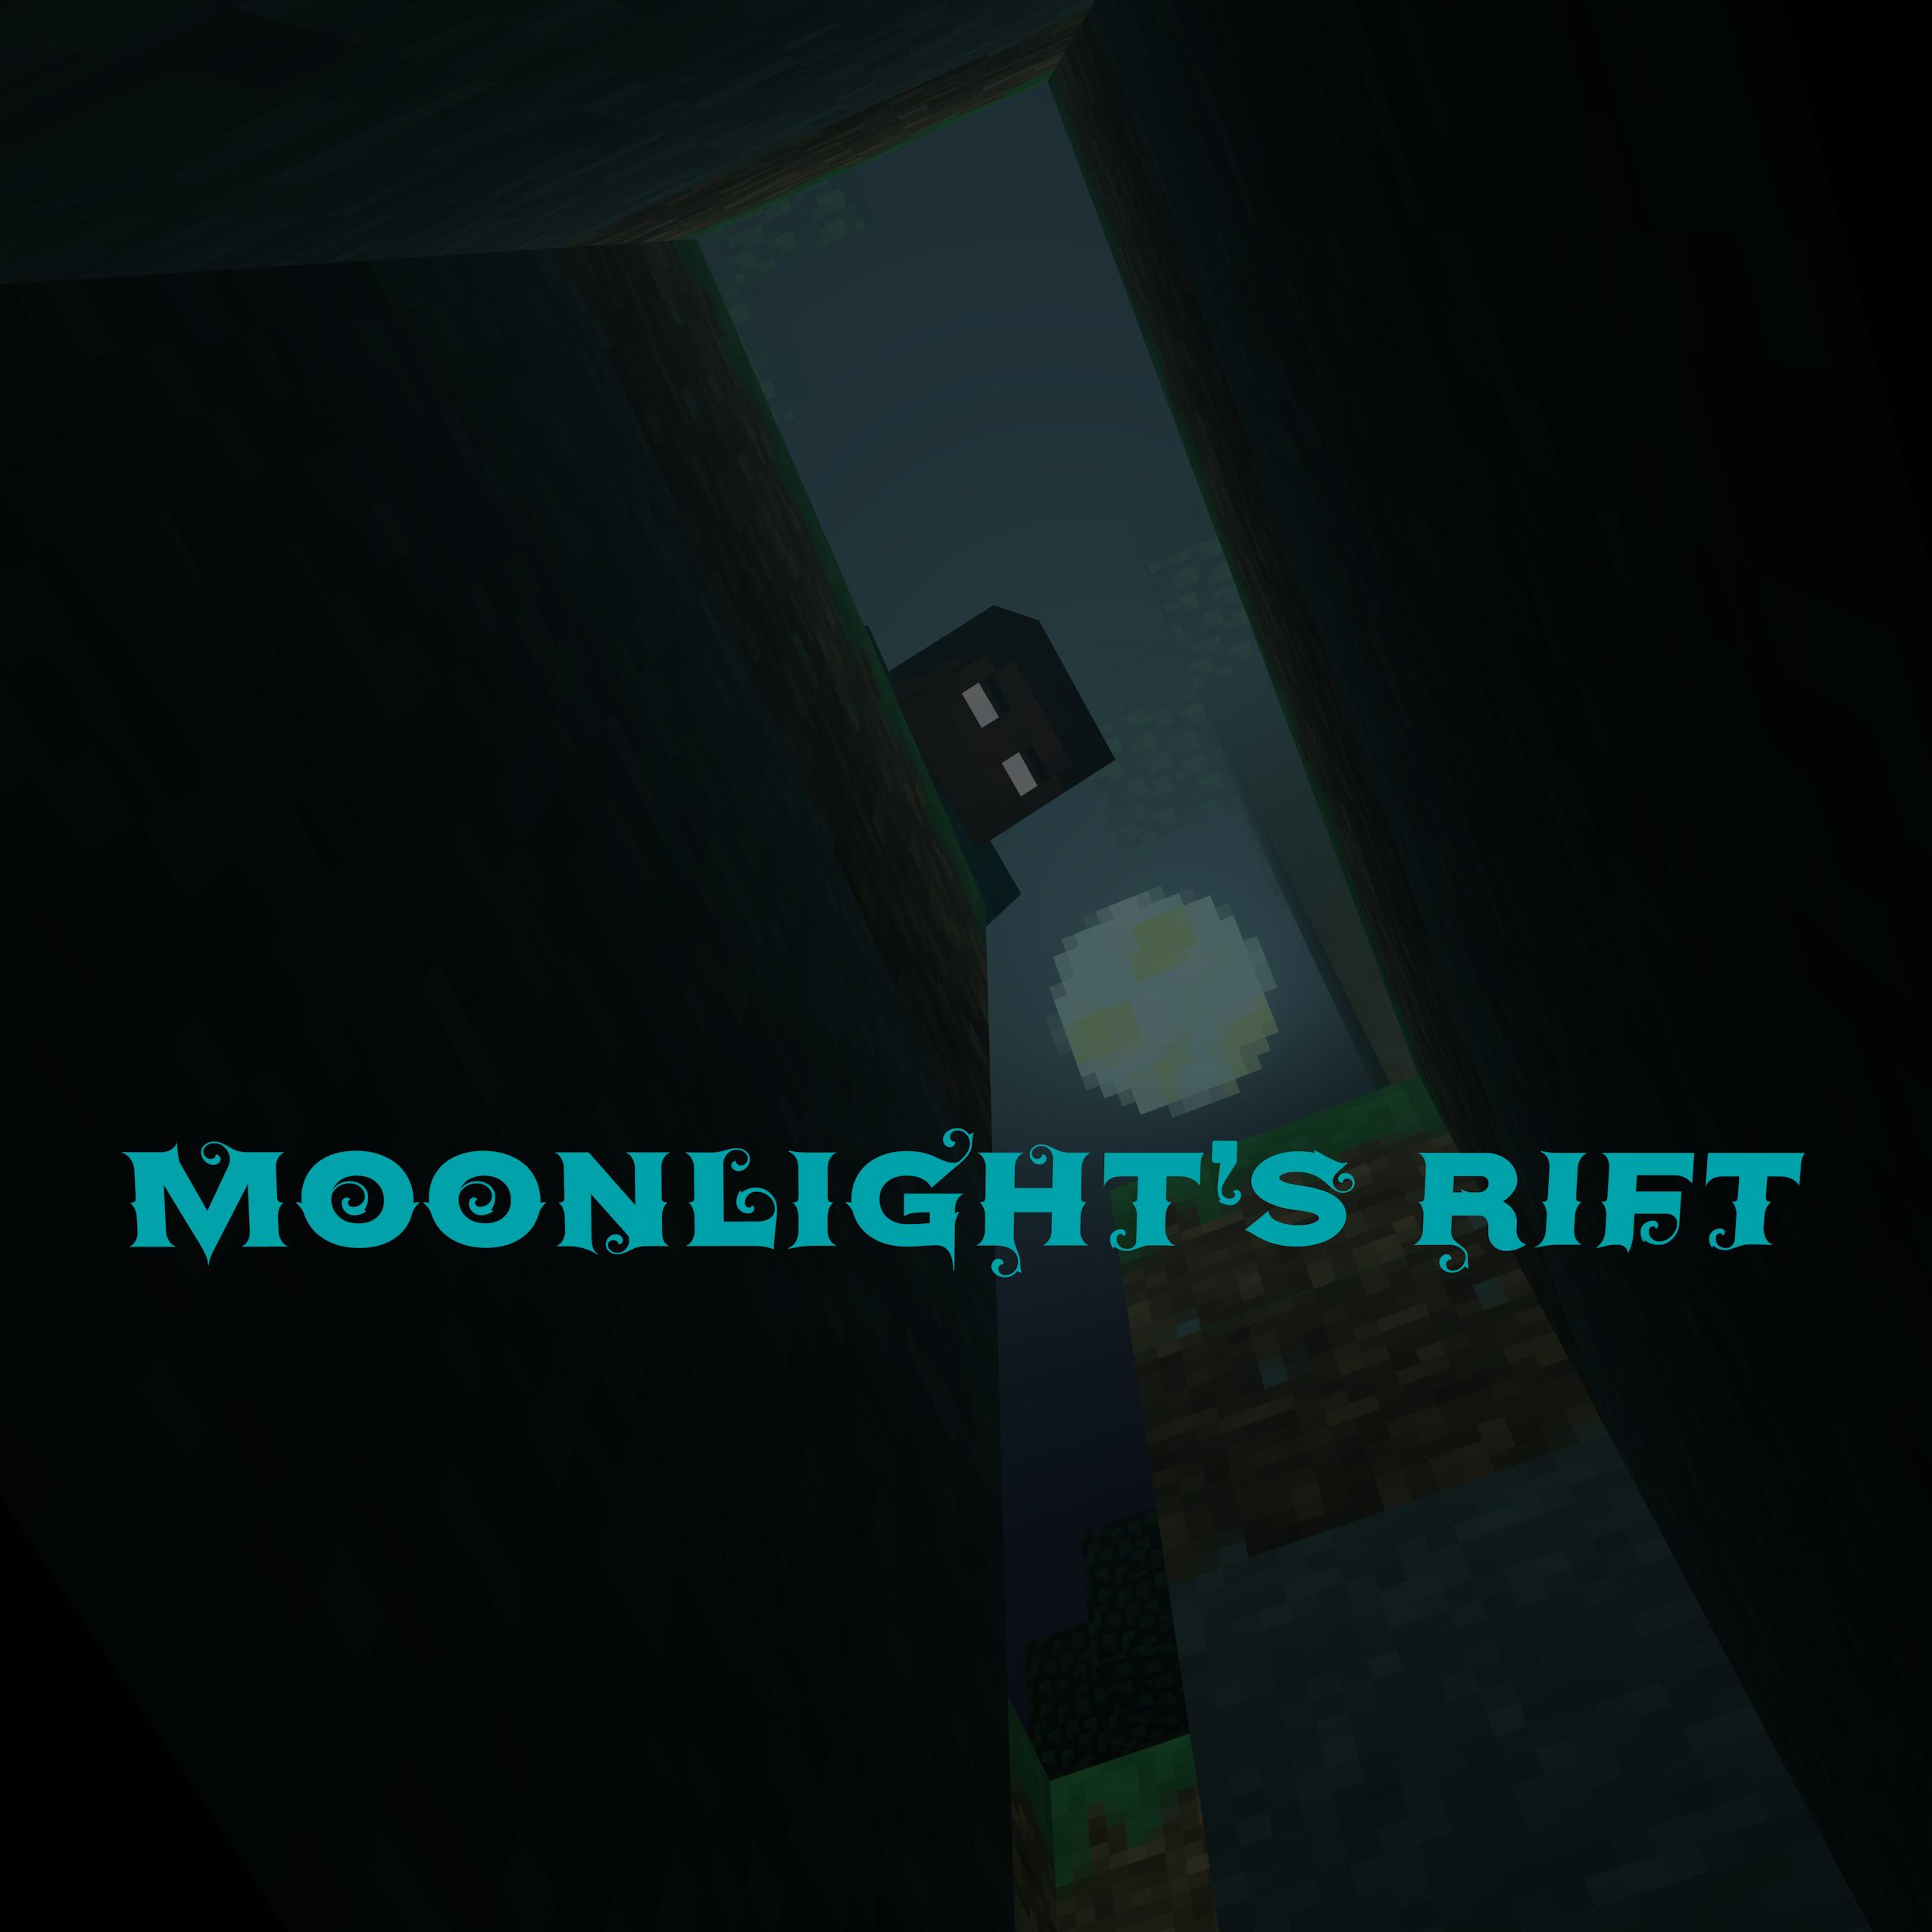 Moonlight's